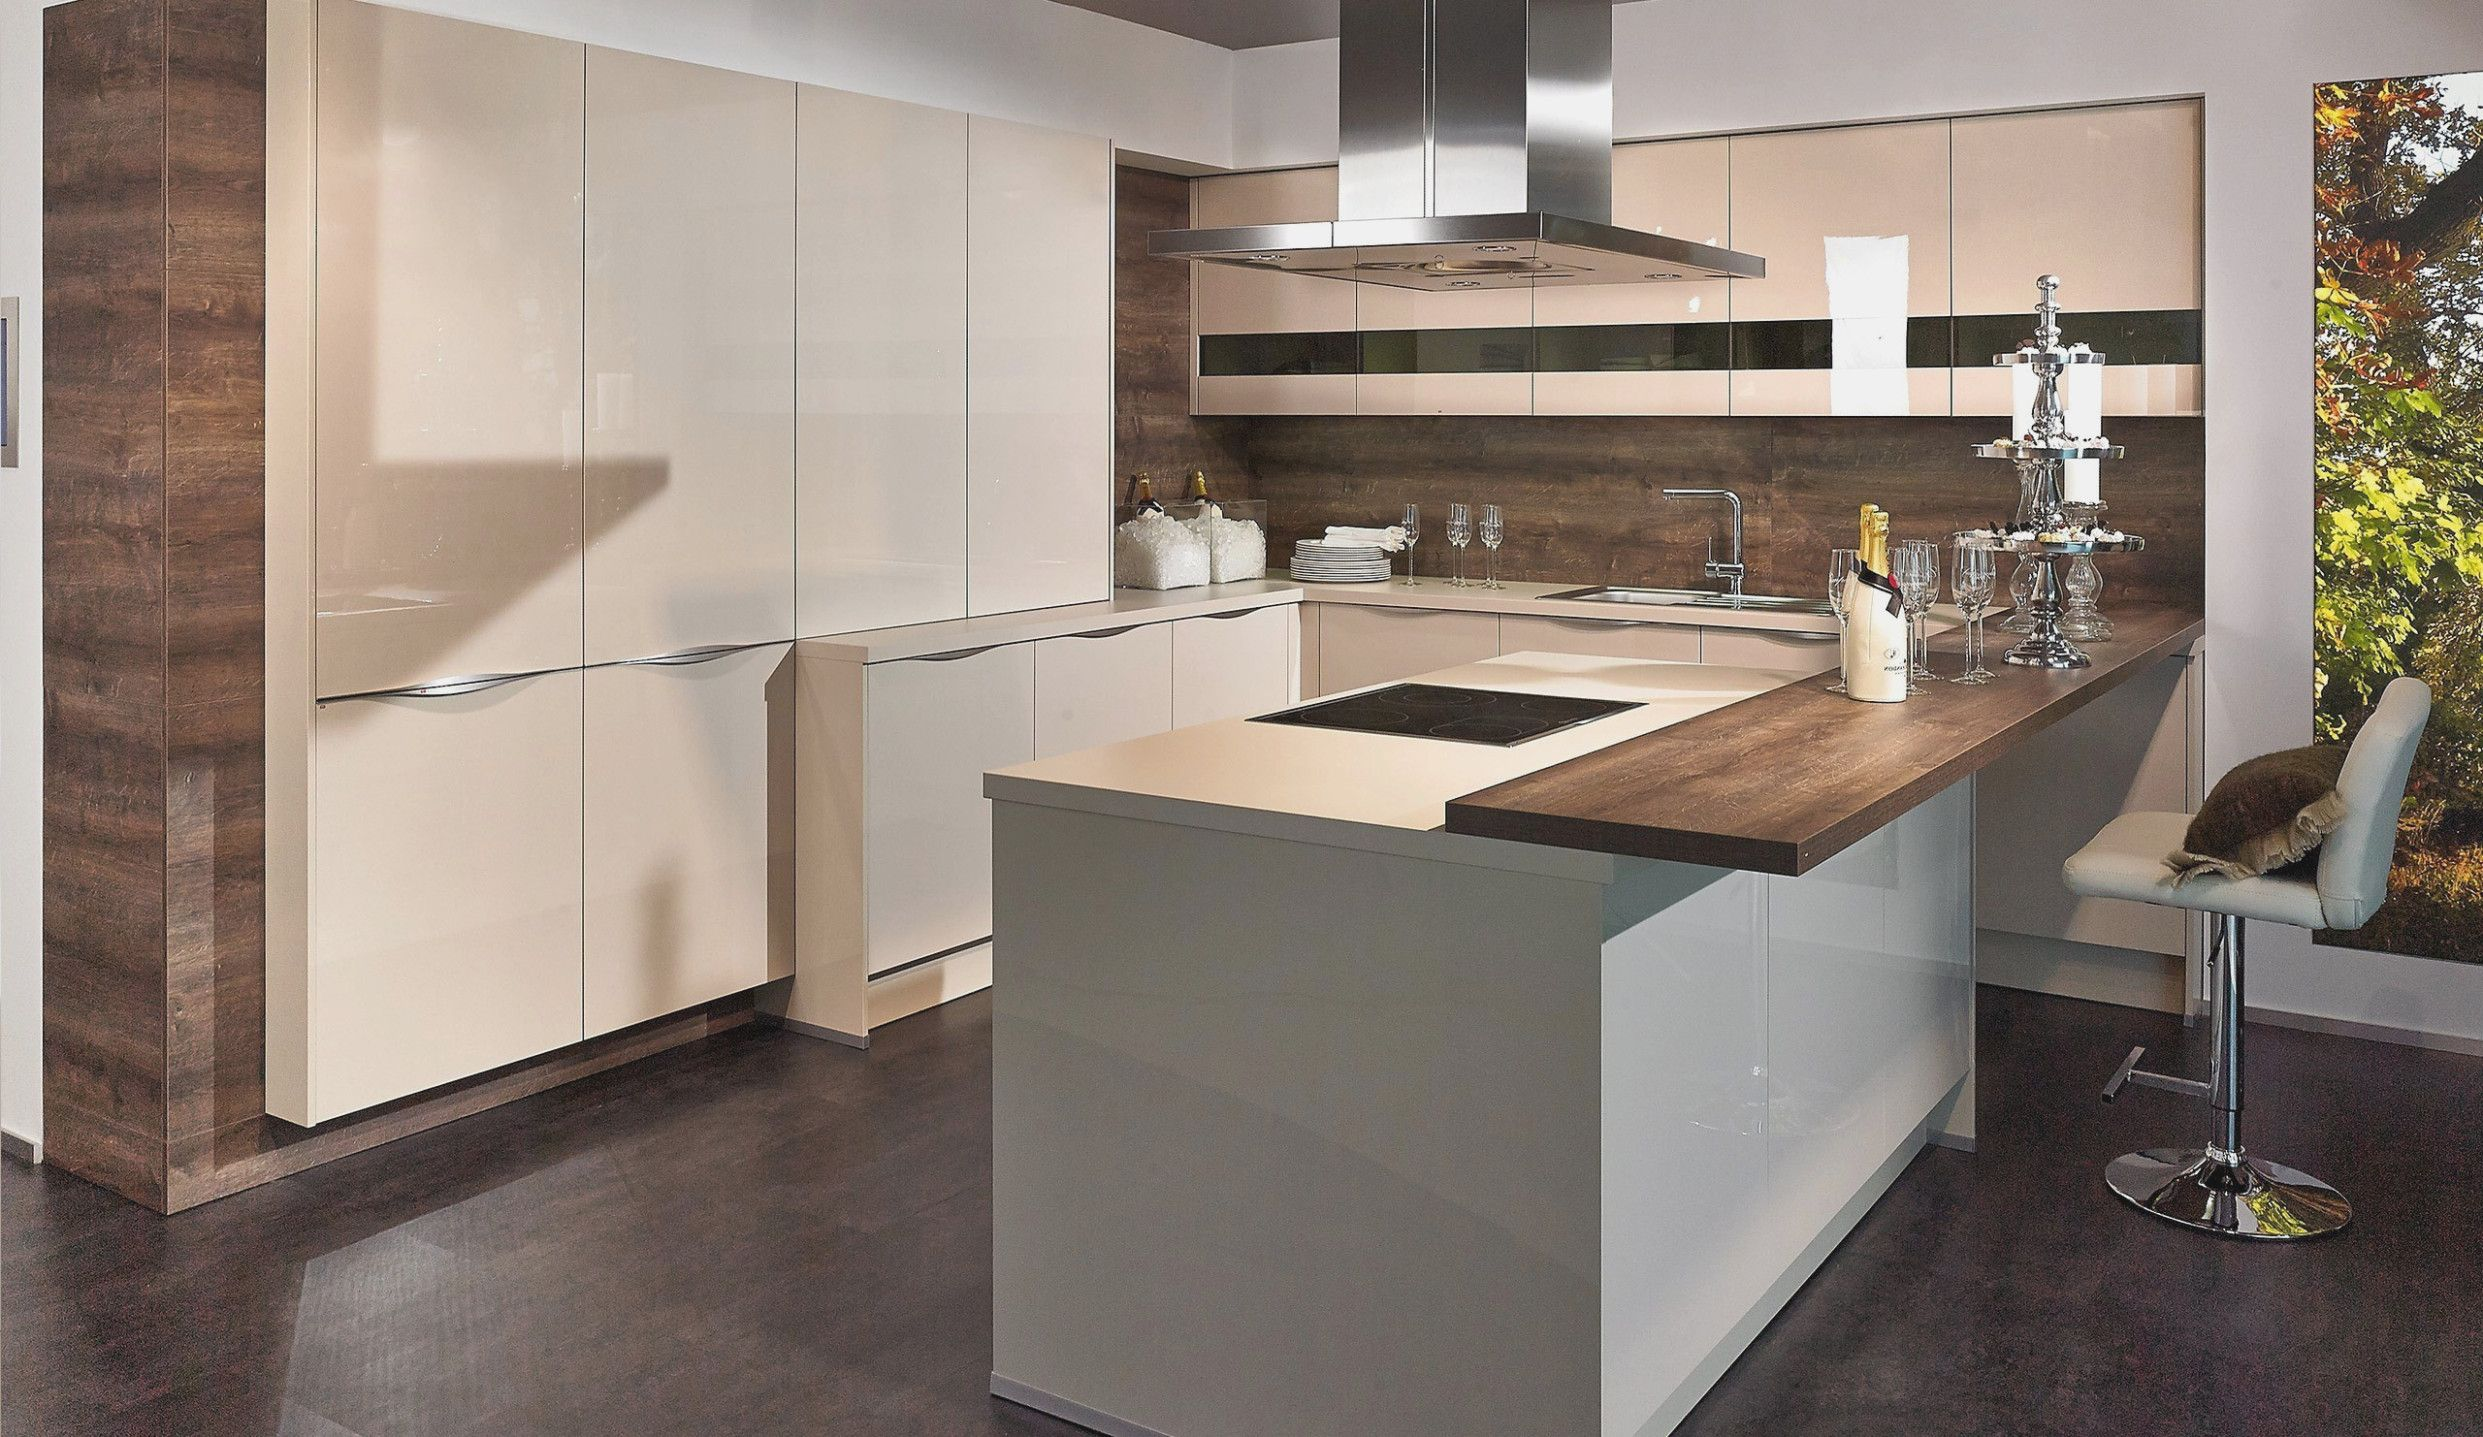 Fliesenspiegel Küche Alternative Glas | Fliesenspiegel Küche ...